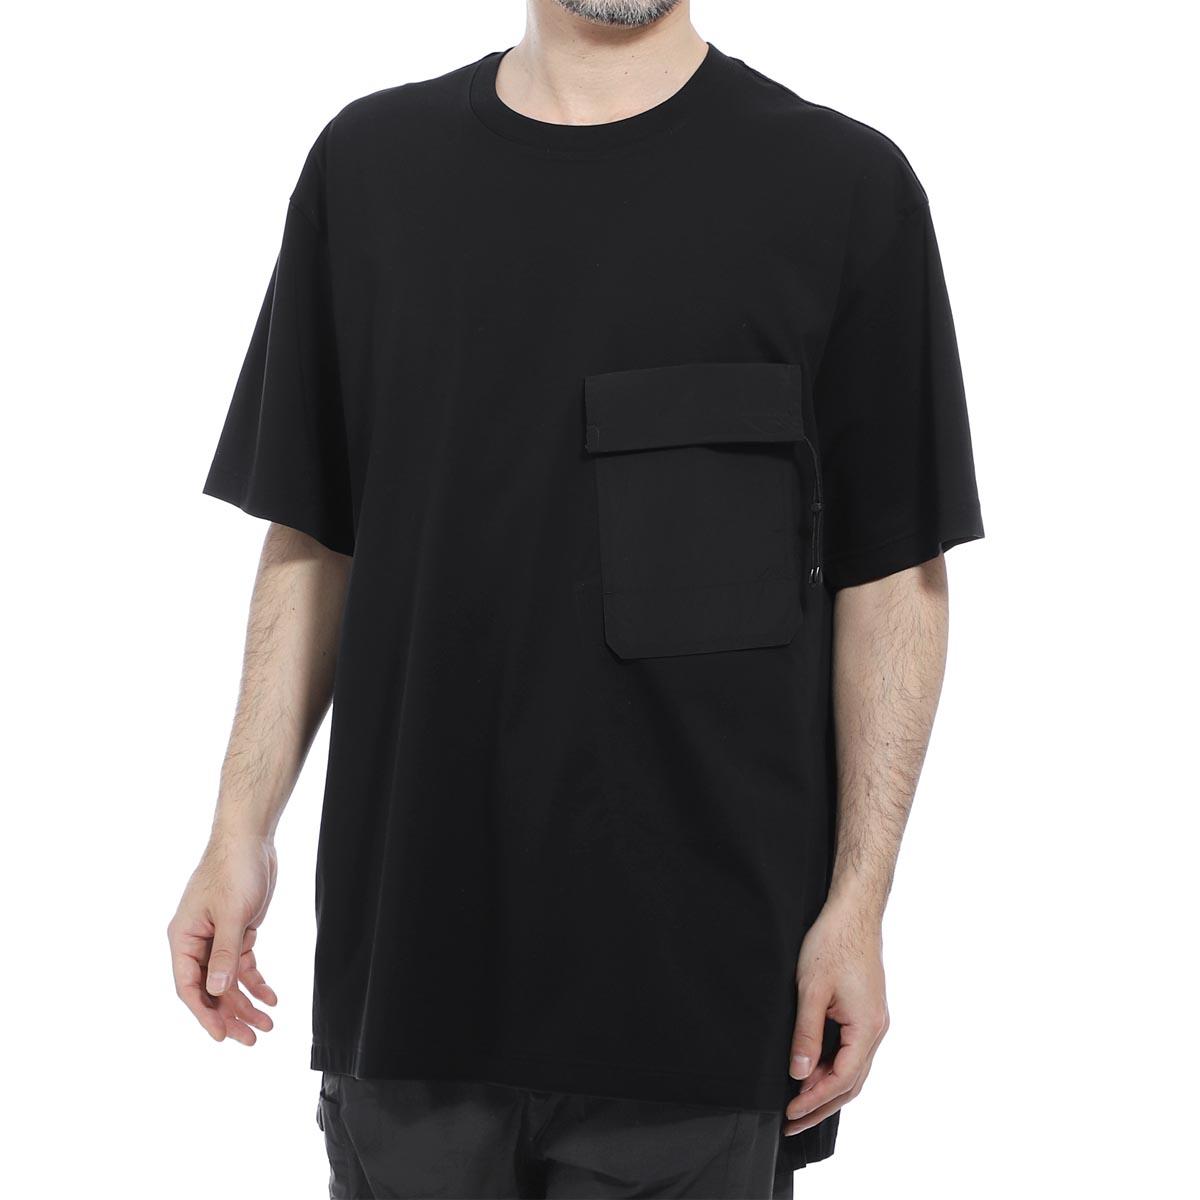 【アウトレット】【ラスト1点】ワイスリー Y-3 クルーネック 半袖Tシャツ ブラック メンズ fn3429 black Y-3 TRAVEL SS TEE【あす楽対応_関東】【返品送料無料】【ラッピング無料】